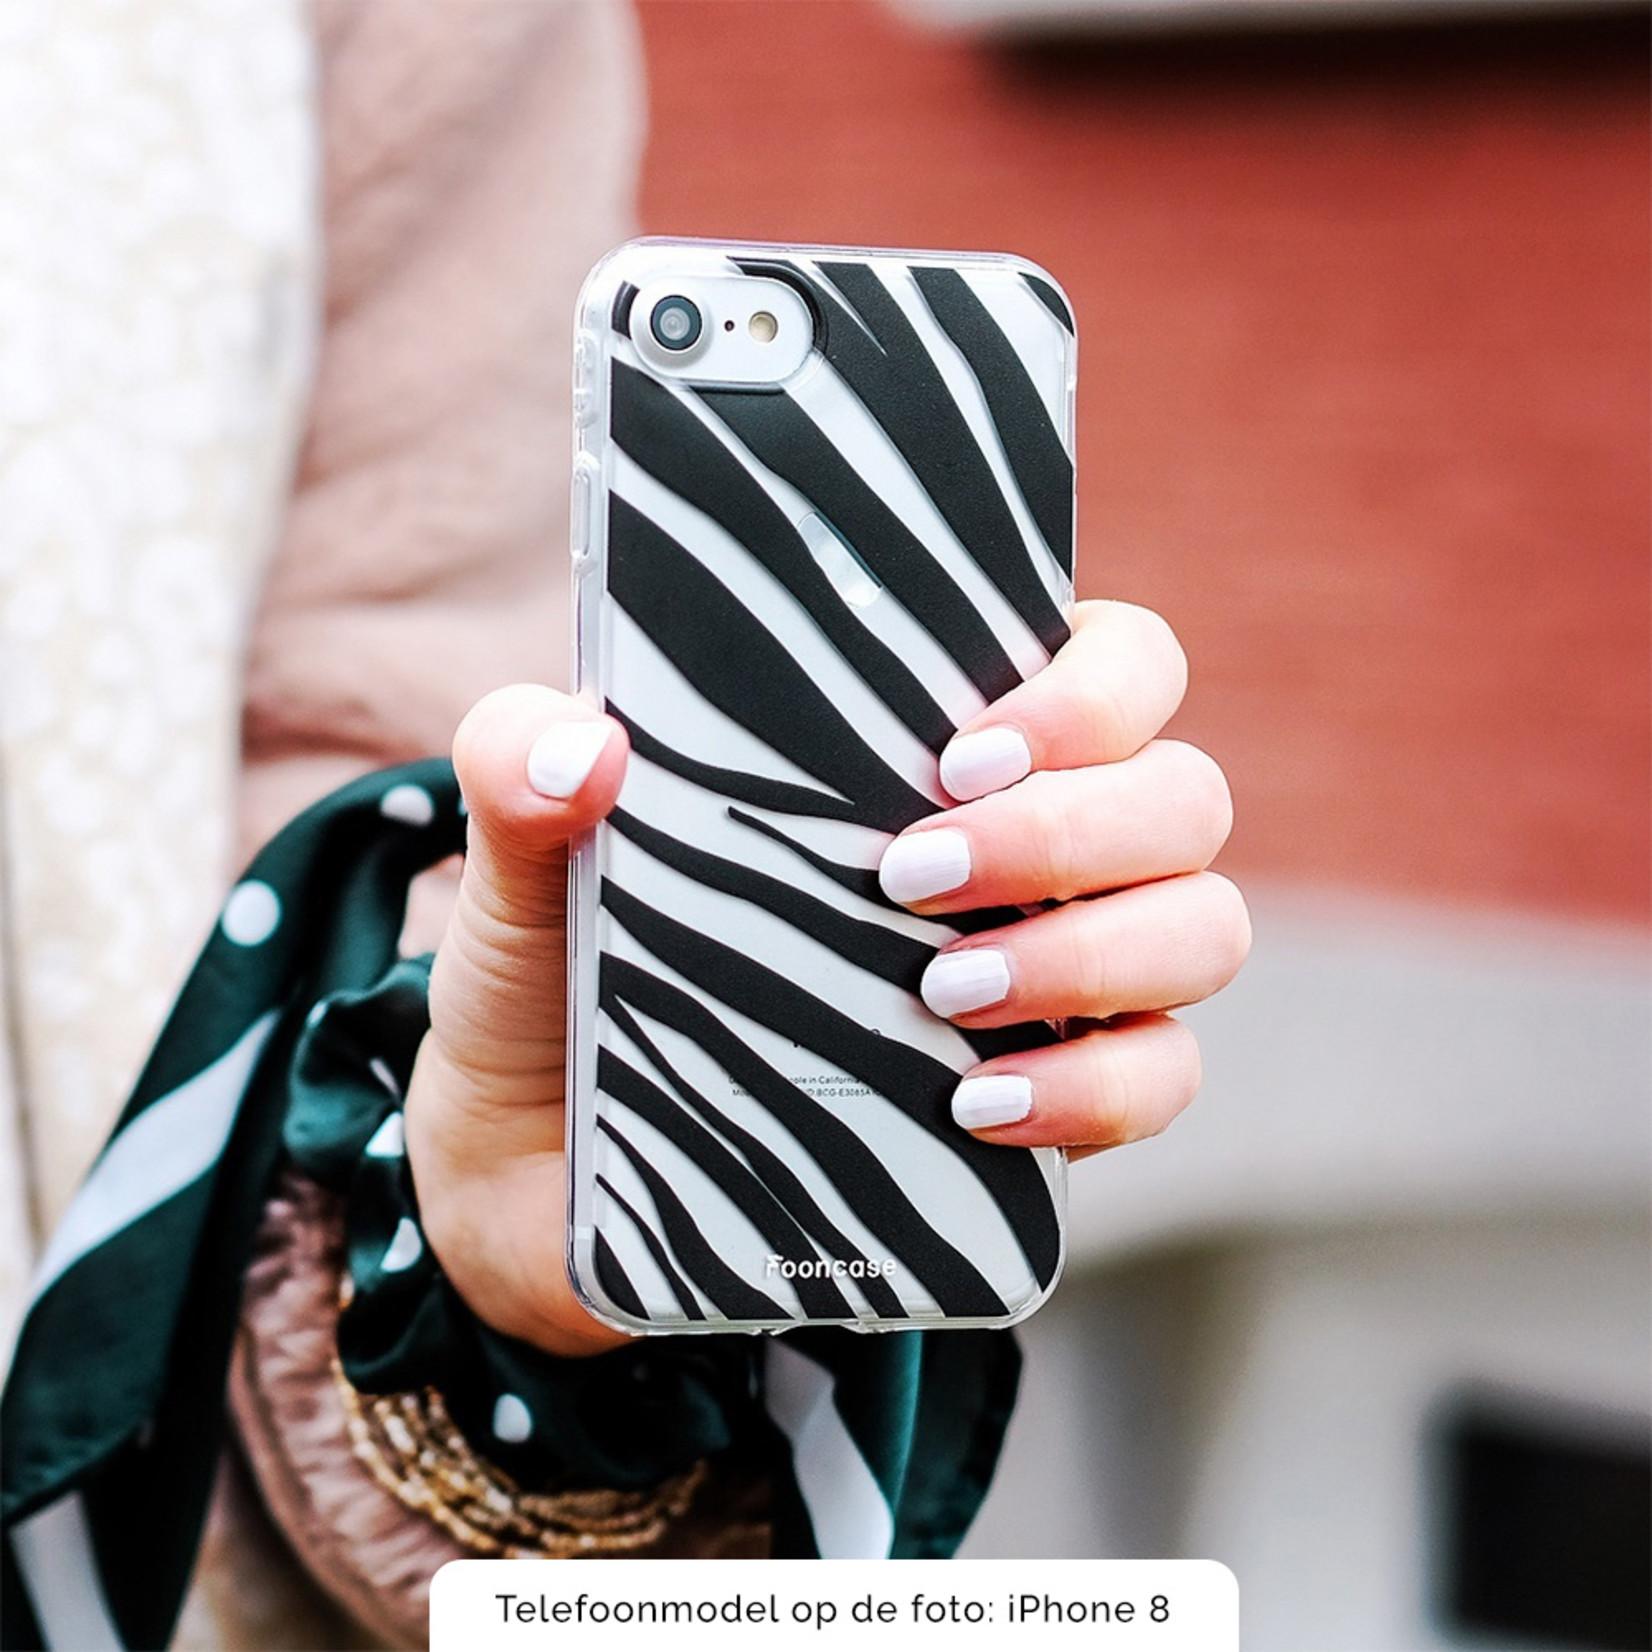 FOONCASE Iphone 7 Handyhülle - Zebra